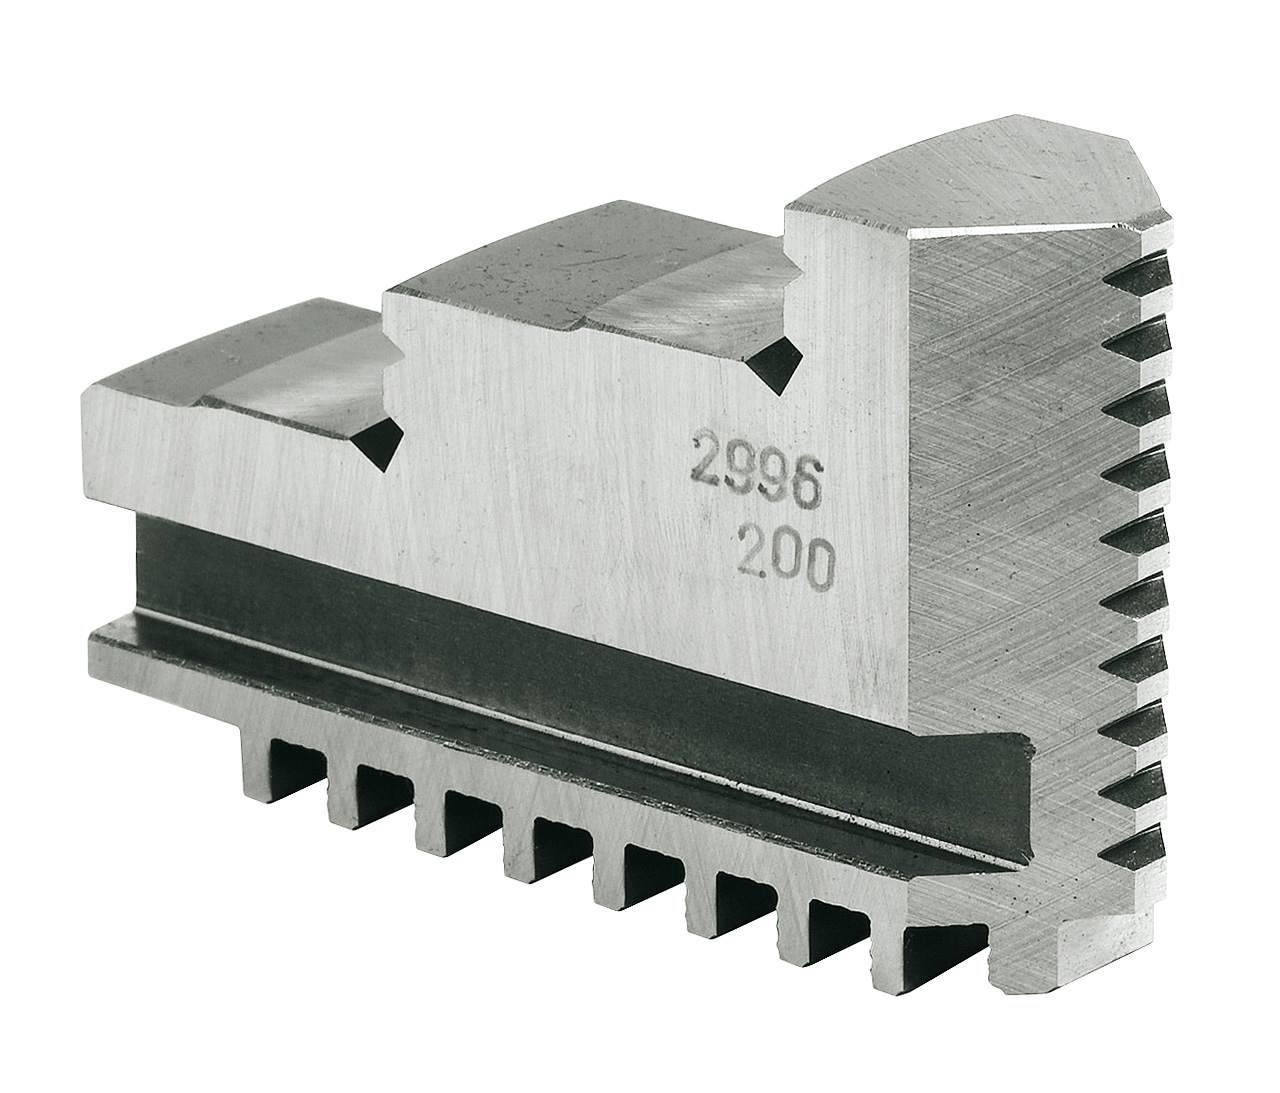 Szczęki jednolite twarde zewnętrzne - komplet DOJ-DK11-125 BERNARDO